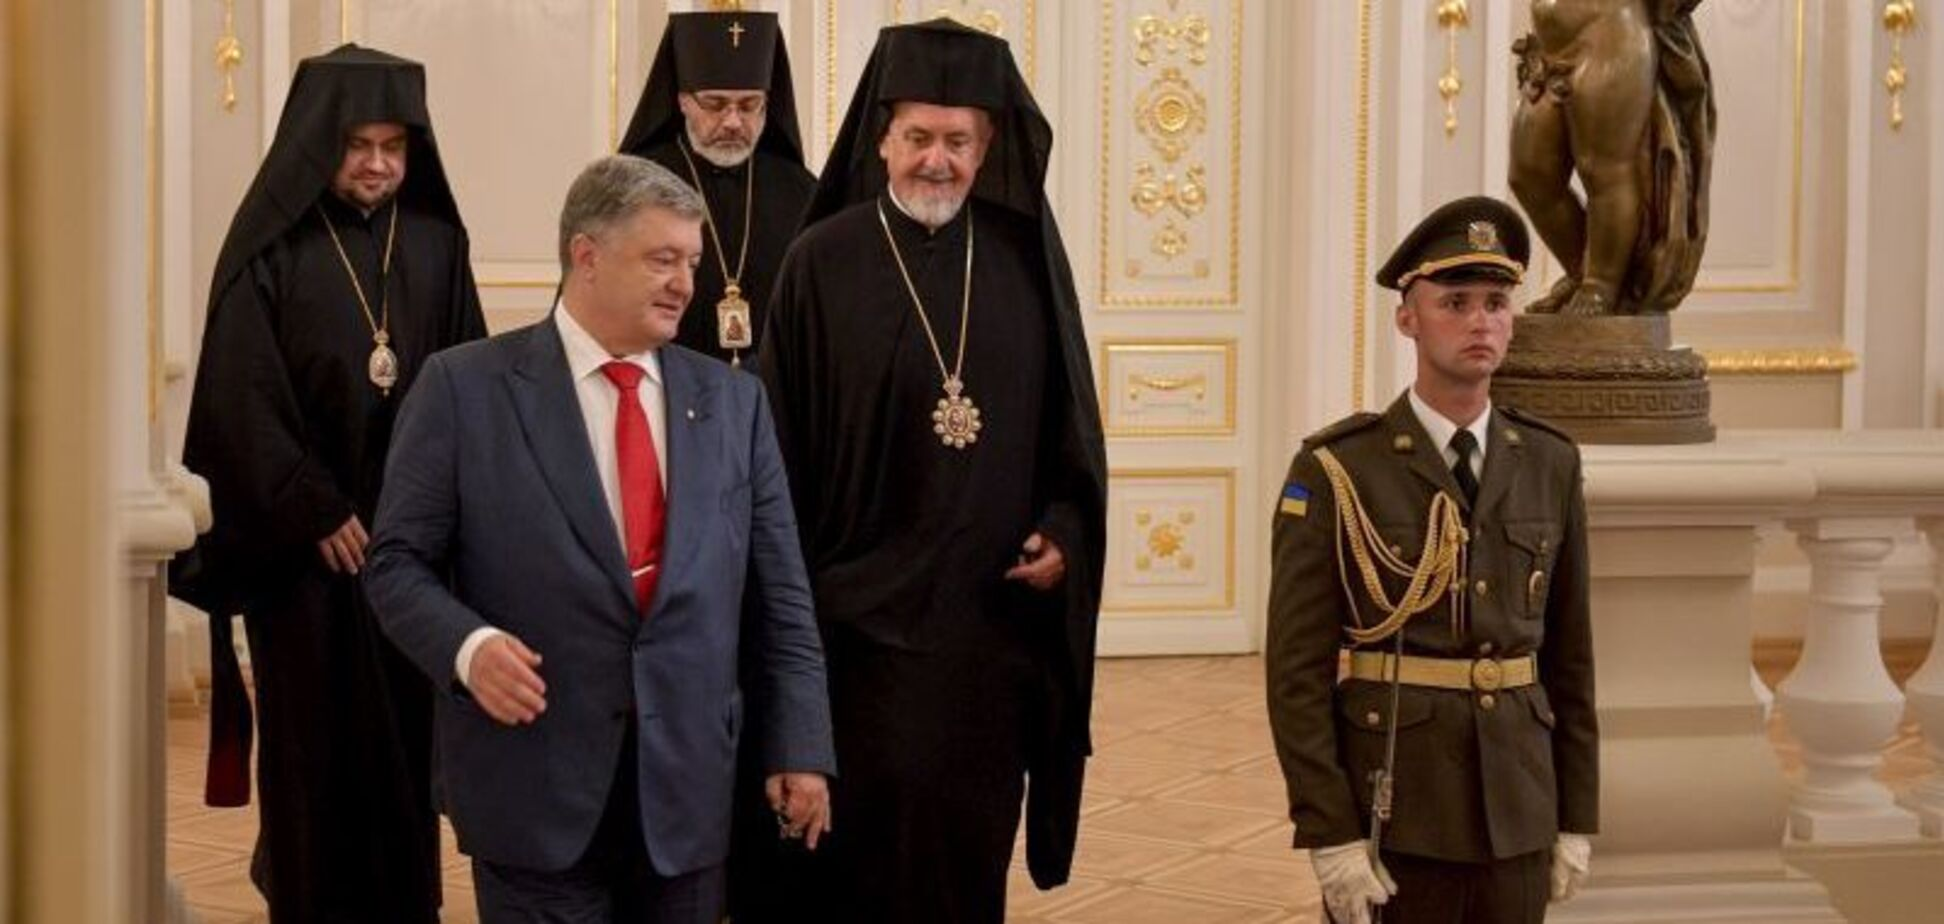 ''Без него не было бы возможным'': Константинополь оценил вклад Порошенко в УПЦ